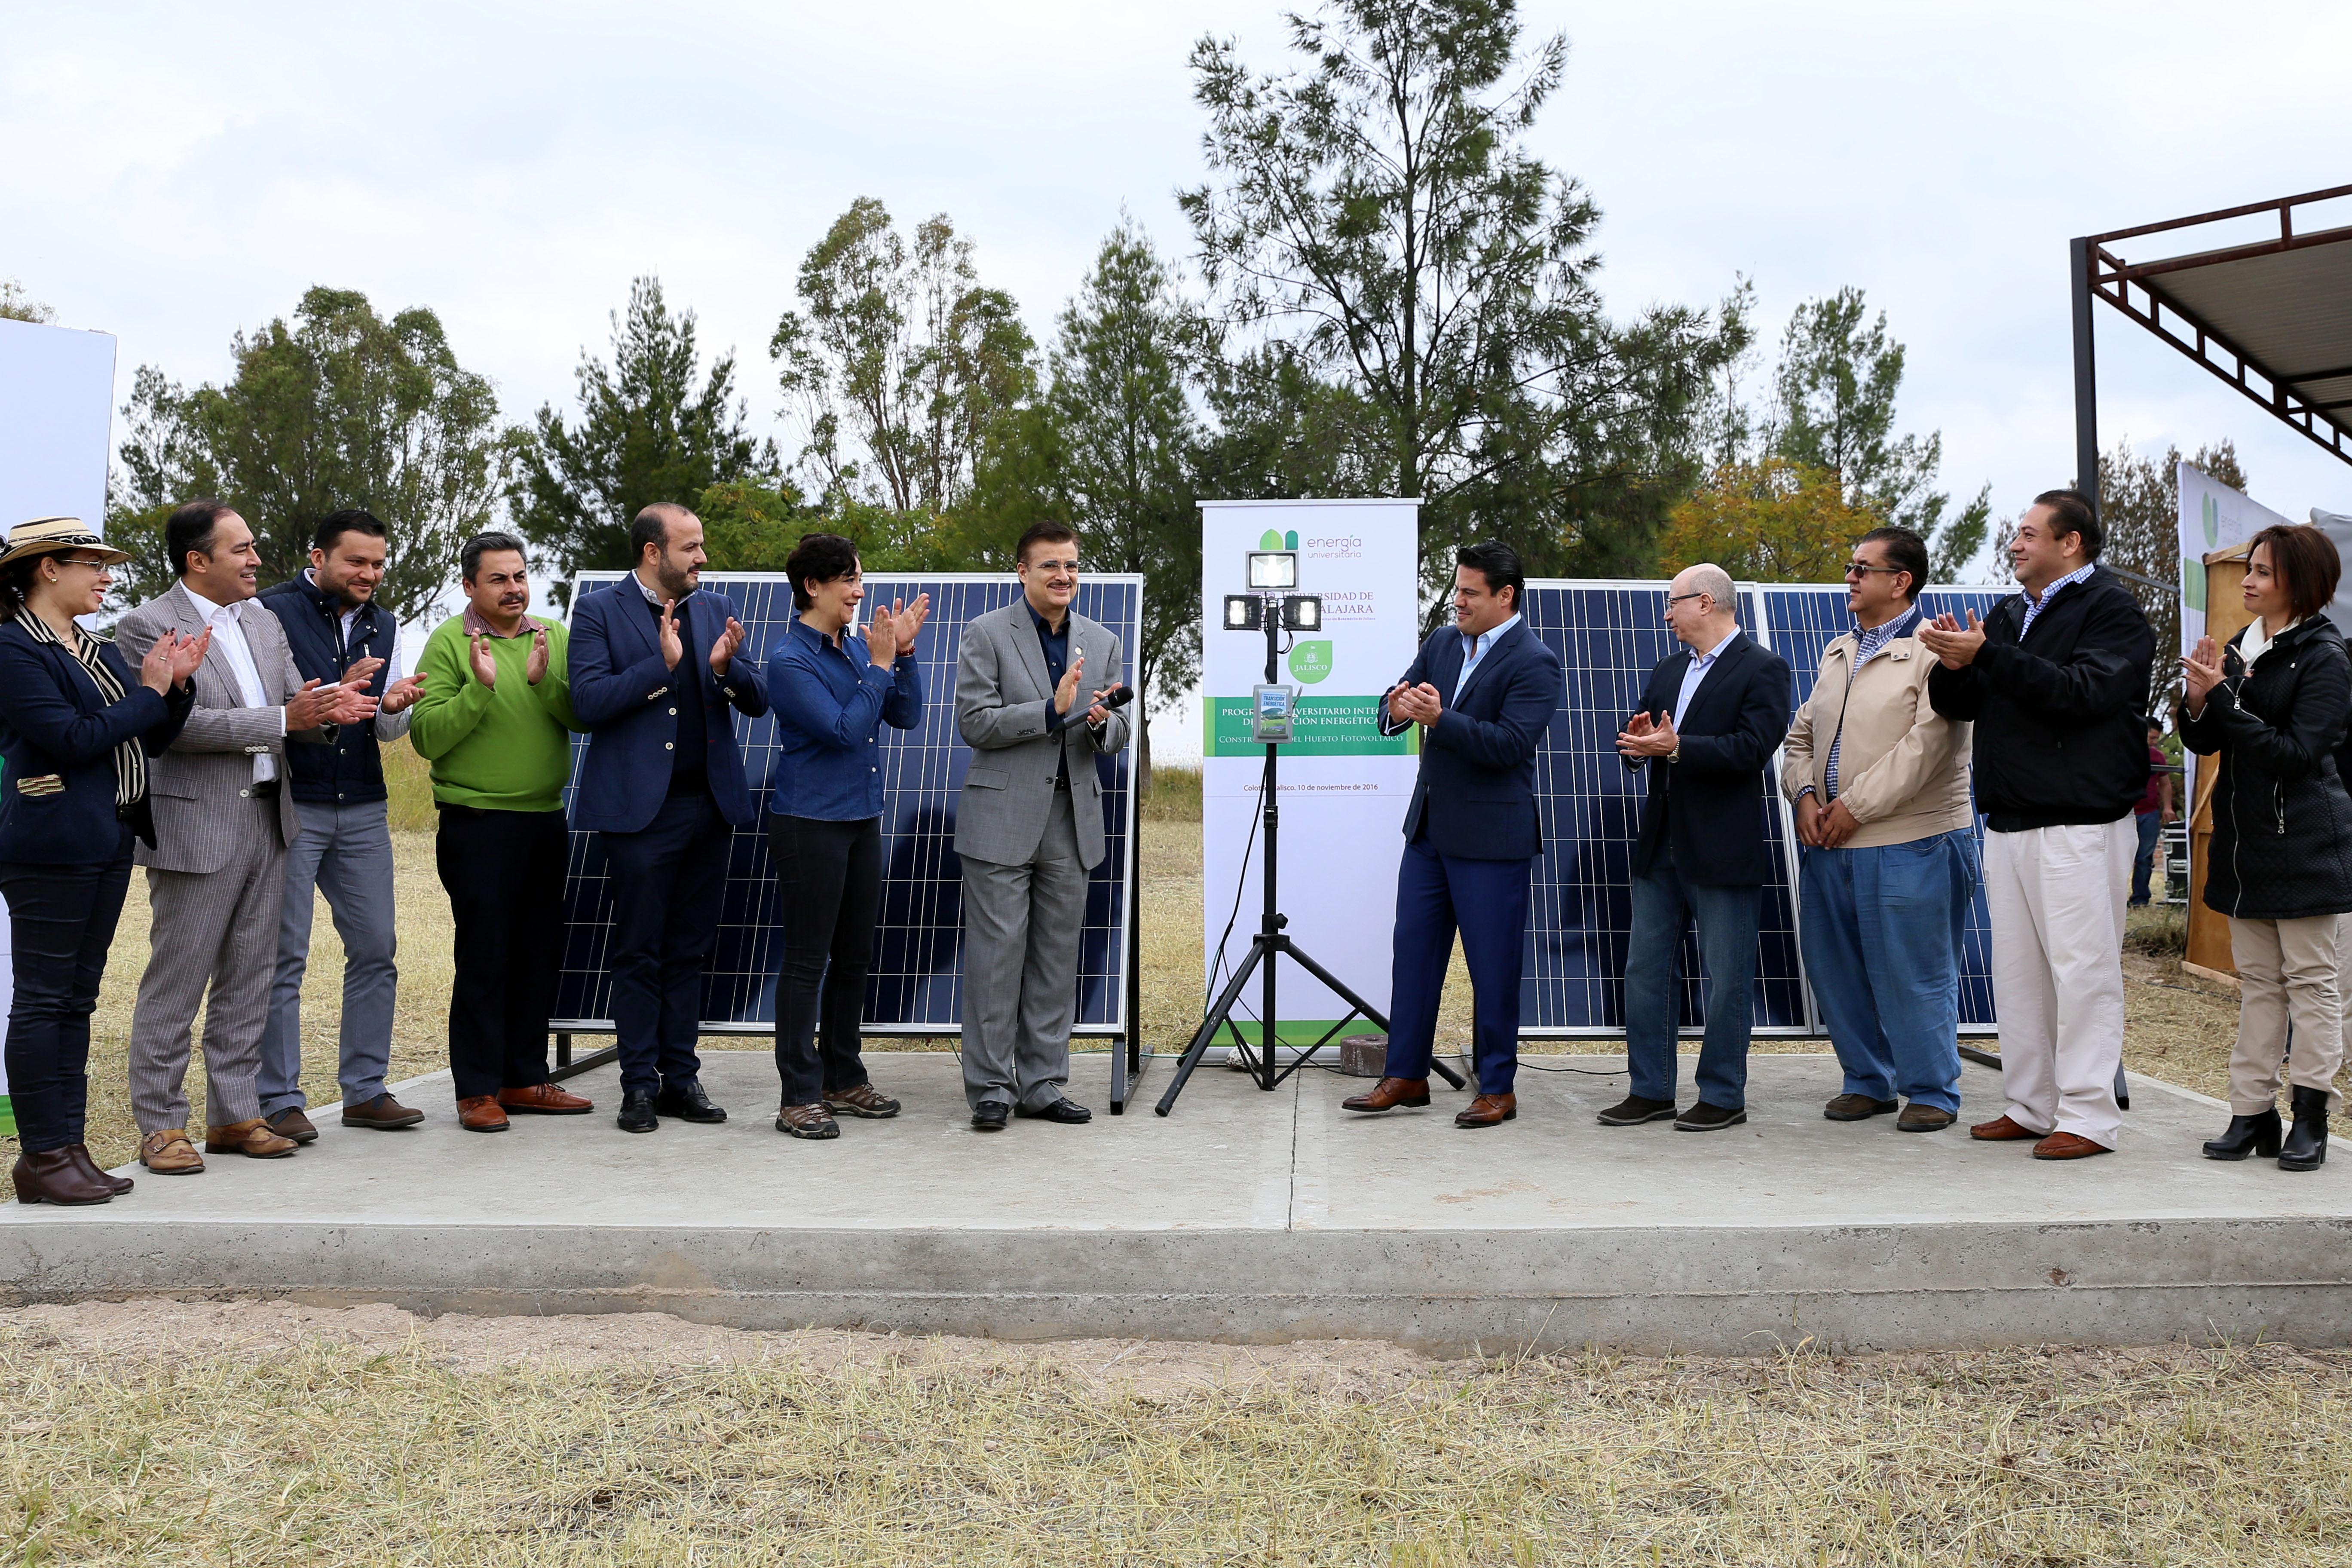 Gobernador de Jalisco, maestro Jorge Aristóteles Sandoval Díaz y Maestro Itzcóatl Tonatiuh Bravo Padilla, Rector General de la Universidad de Guadalajara, entre otras autoridades universitarias, del Gobierno y de la región, aplaudiendo el acto de inaguración de la primera planta fotovoltaica.